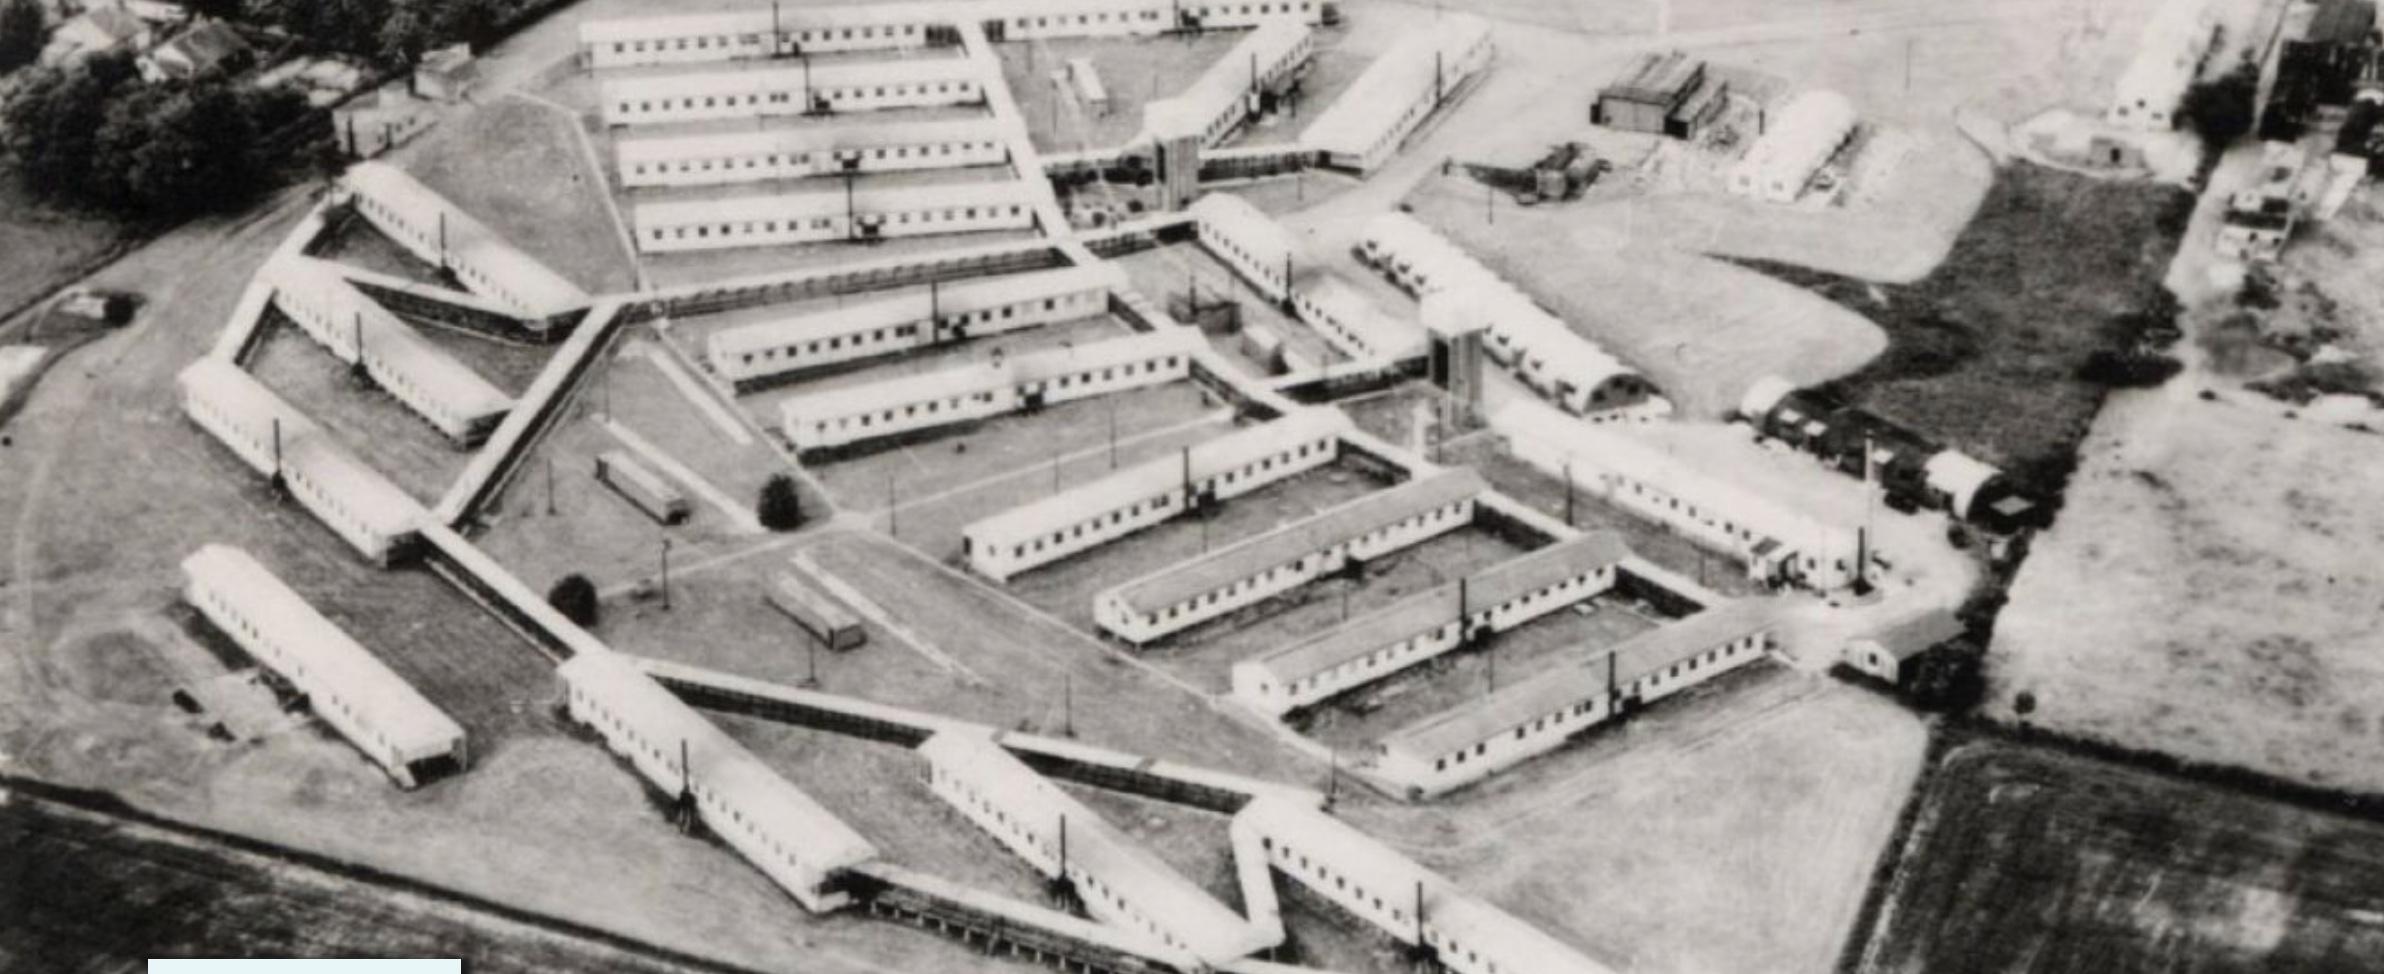 Foto aerea della Common Cold Unit